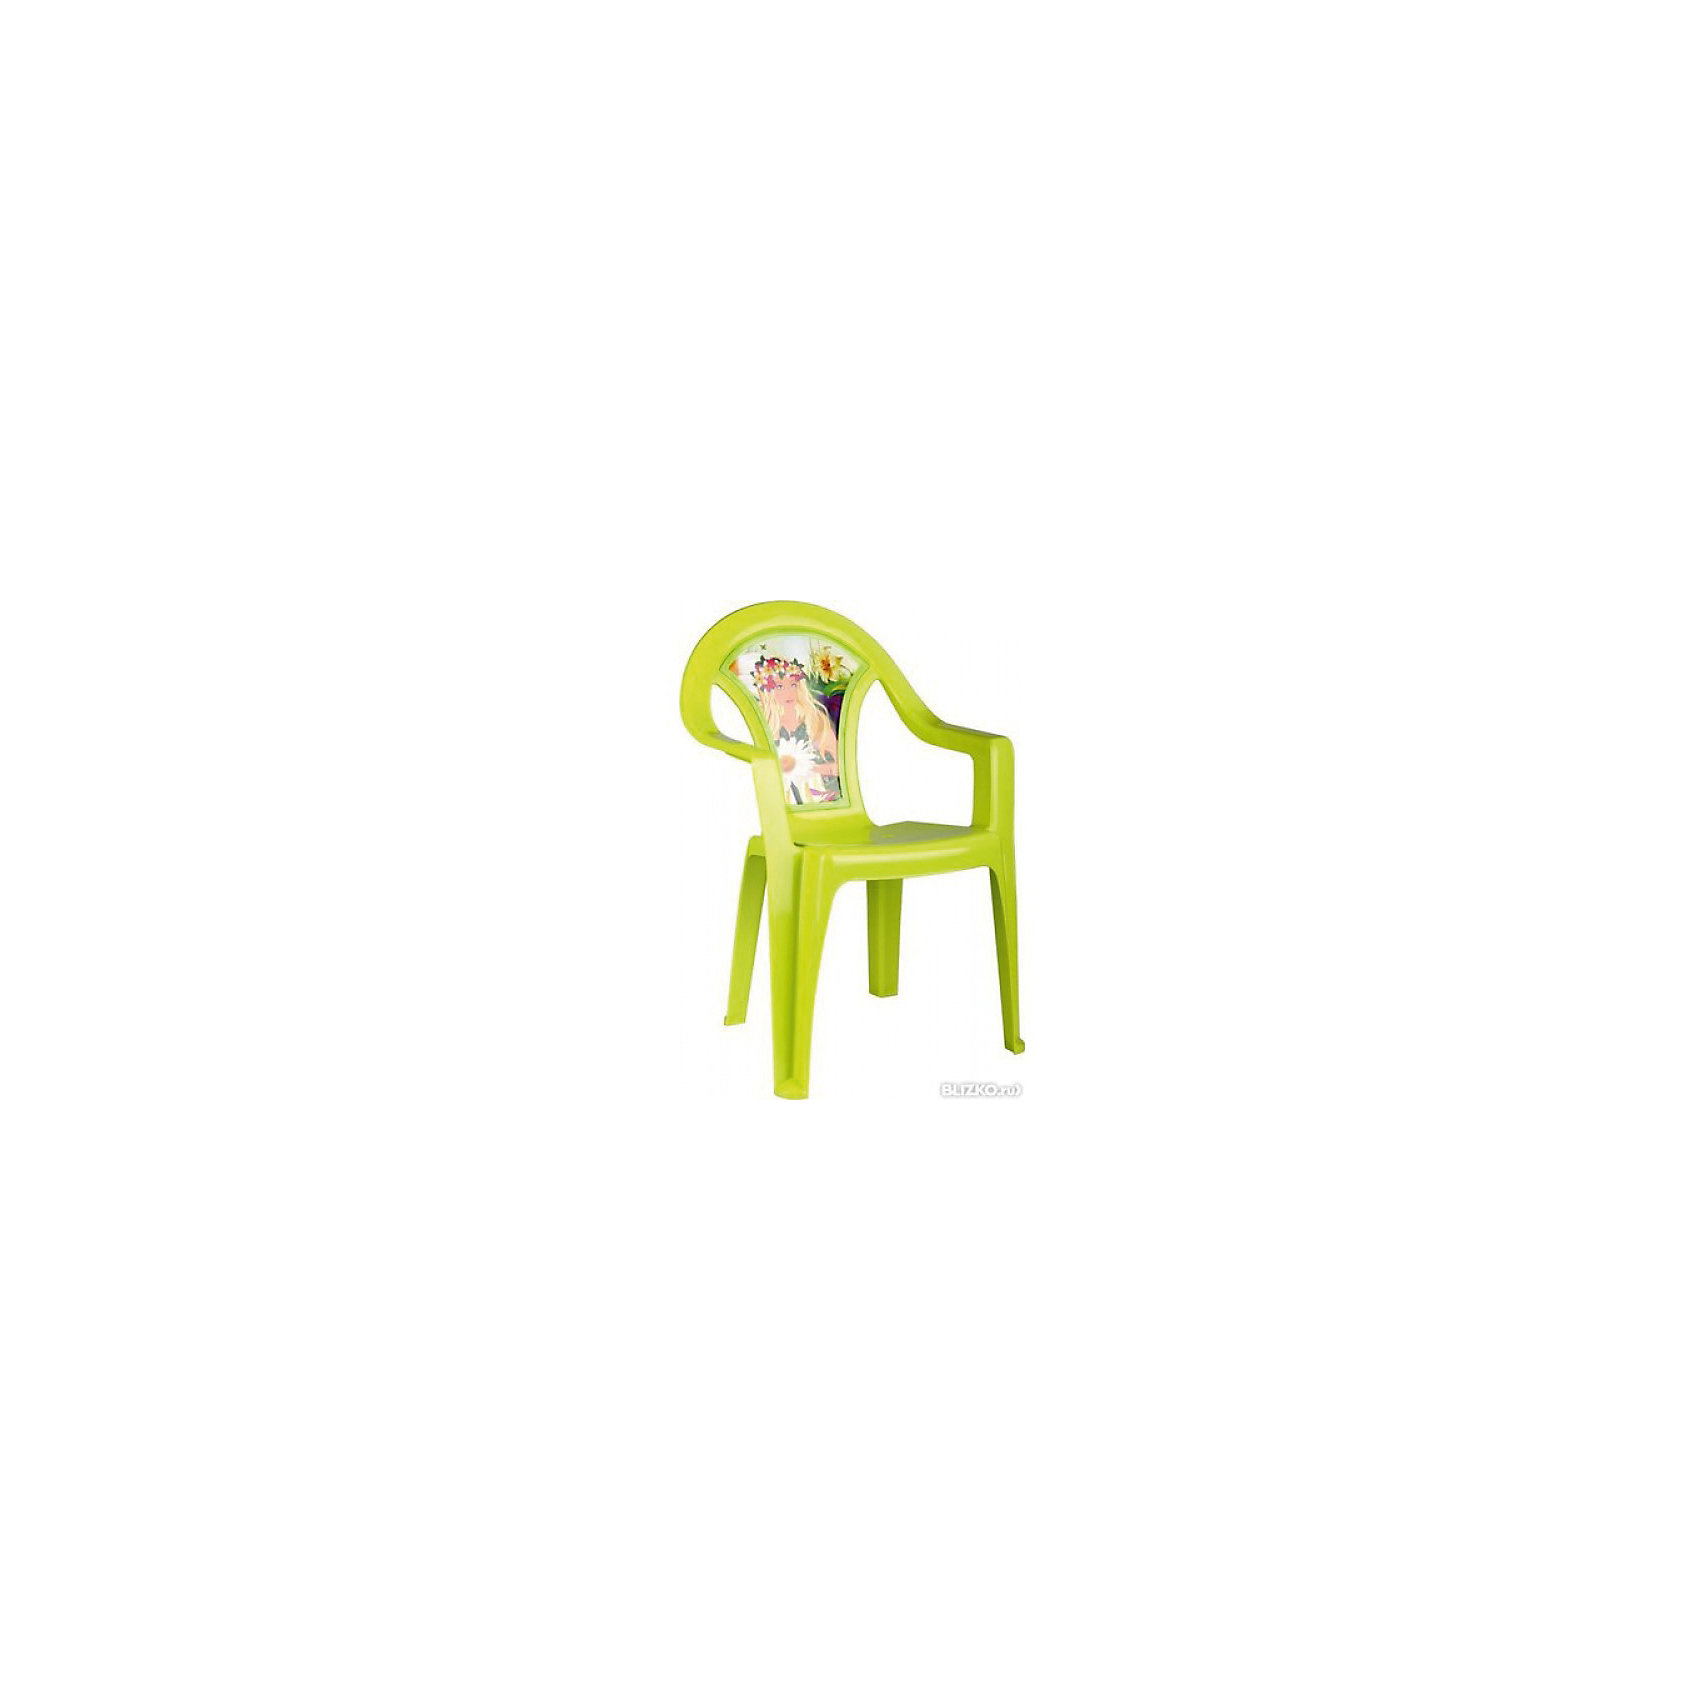 Кресло детское Лесная нимфа, AlternativaМебель<br>Характеристики:<br><br>• Предназначение: для дома, для дачи<br>• Пол: для девочки<br>• Материал: пластик<br>• Цвет: зеленый<br>• Размер (Д*Ш*В): 40*40*57 см<br>• Вес: 850 г<br>• Особенности ухода: разрешается мыть теплой водой<br><br>Кресло детское Лесная нимфа, Alternativa изготовлено отечественным производителем ООО ЗПИ Альтернатива, который специализируется на выпуске широкого спектра изделий из пластика. Стульчик выполнен из безопасного нетоксичного, но прочного пластика. Он имеет устойчивую форму за счет широко расставленных ножек. Для удобства предусмотрена широкая и высокая спинка, а также подлокотники. Стульчик имеет компактную форму и легкий вес, поэтому его удобно использовать не только дома, но и на даче. Стульчик предназначен для детей, которые уже умеют уверенно сидеть, его можно использовать для кормления или занятий за столом. Стульчик имеет яркую окраску и декор на спинке в виде лесной нимфы.<br><br>Кресло детское Лесная нимфа, Alternativa можно купить в нашем интернет-магазине.<br><br>Ширина мм: 400<br>Глубина мм: 400<br>Высота мм: 570<br>Вес г: 805<br>Возраст от месяцев: 6<br>Возраст до месяцев: 84<br>Пол: Женский<br>Возраст: Детский<br>SKU: 5096625